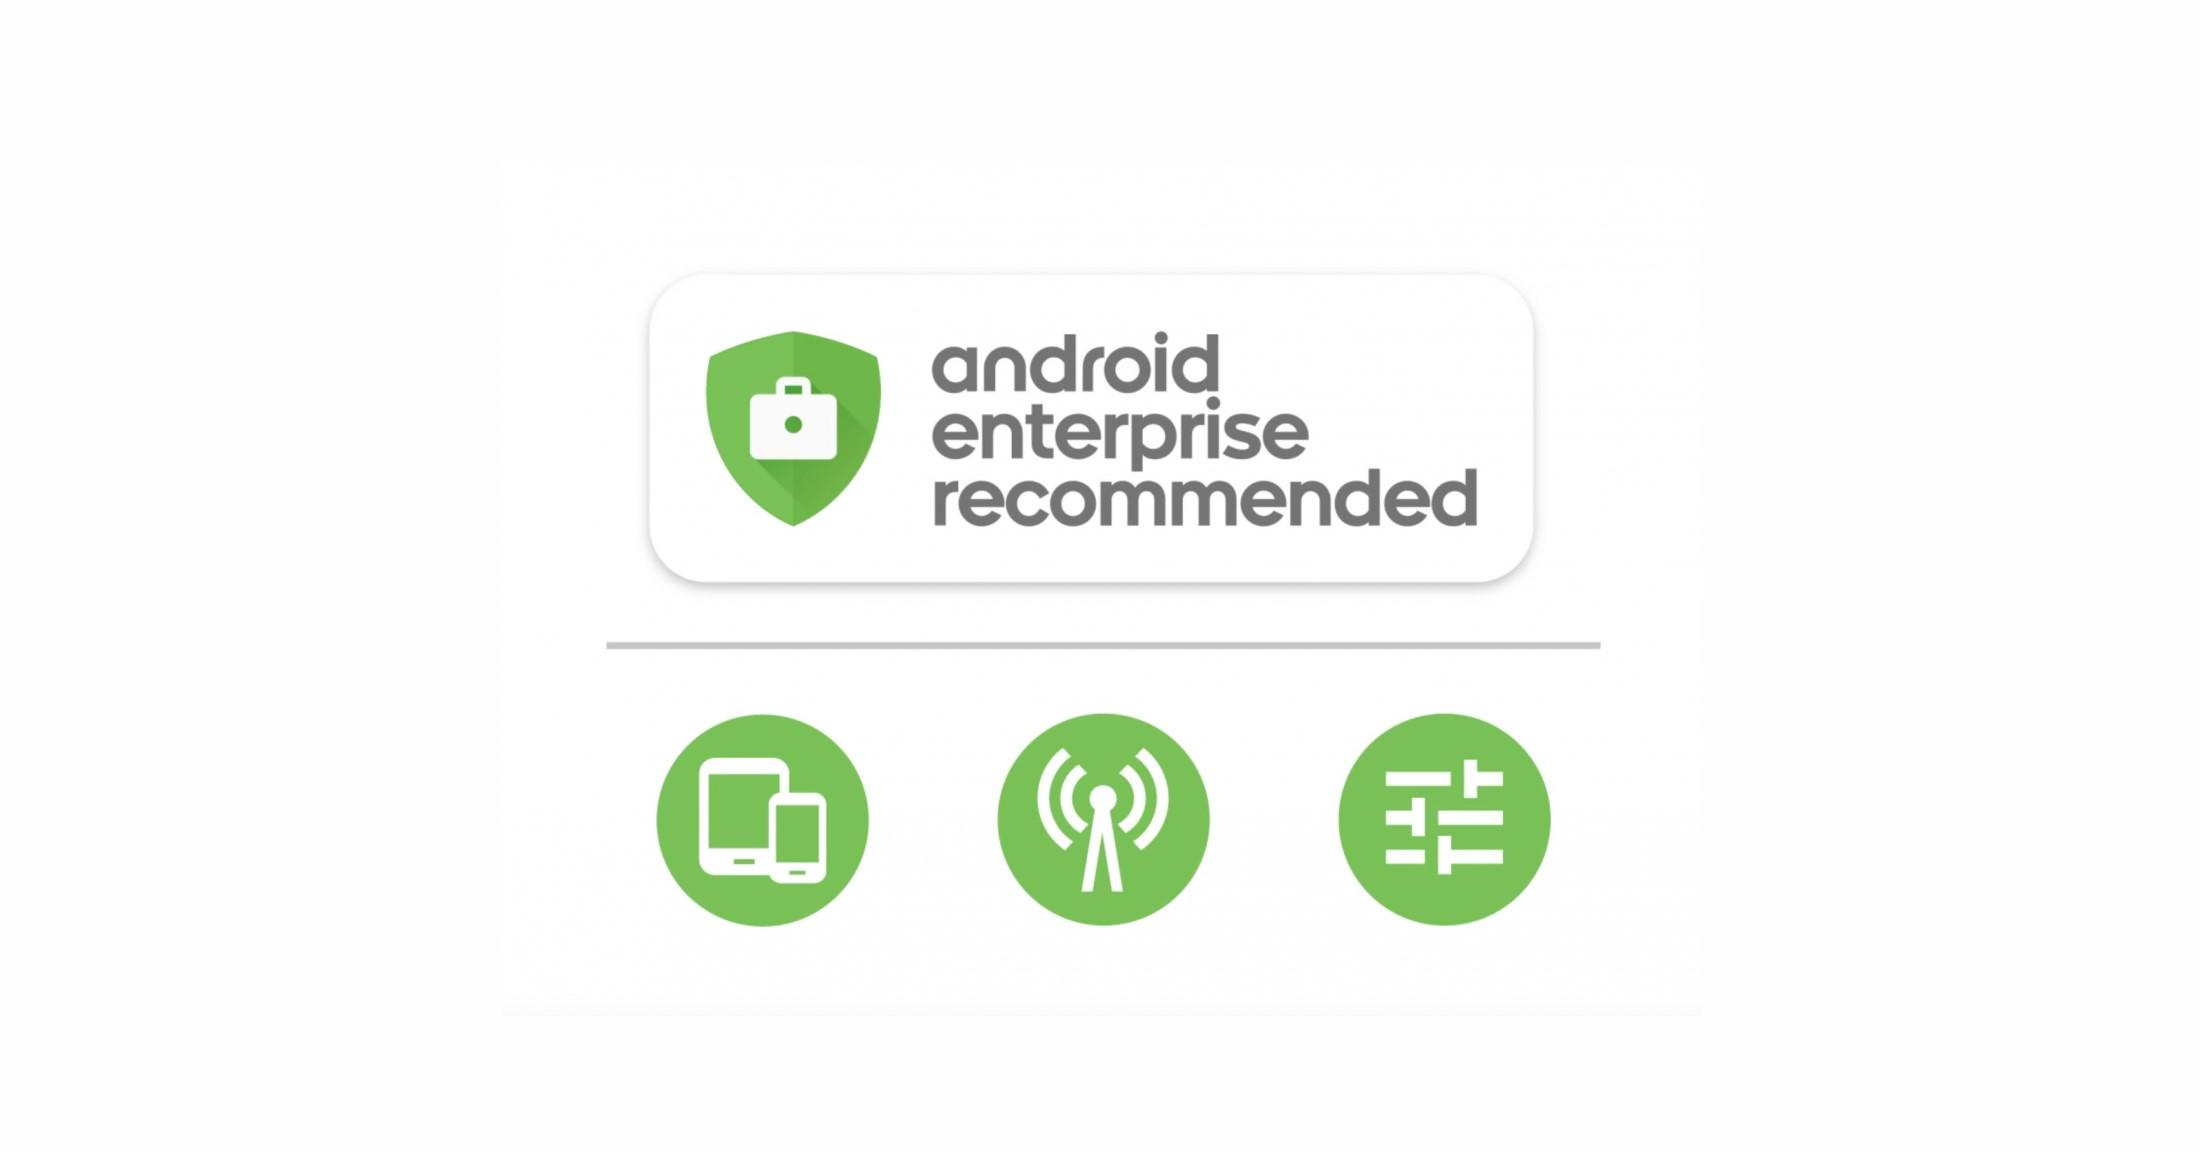 Huawei zařízení odebrána z Android Enterprise certifikace